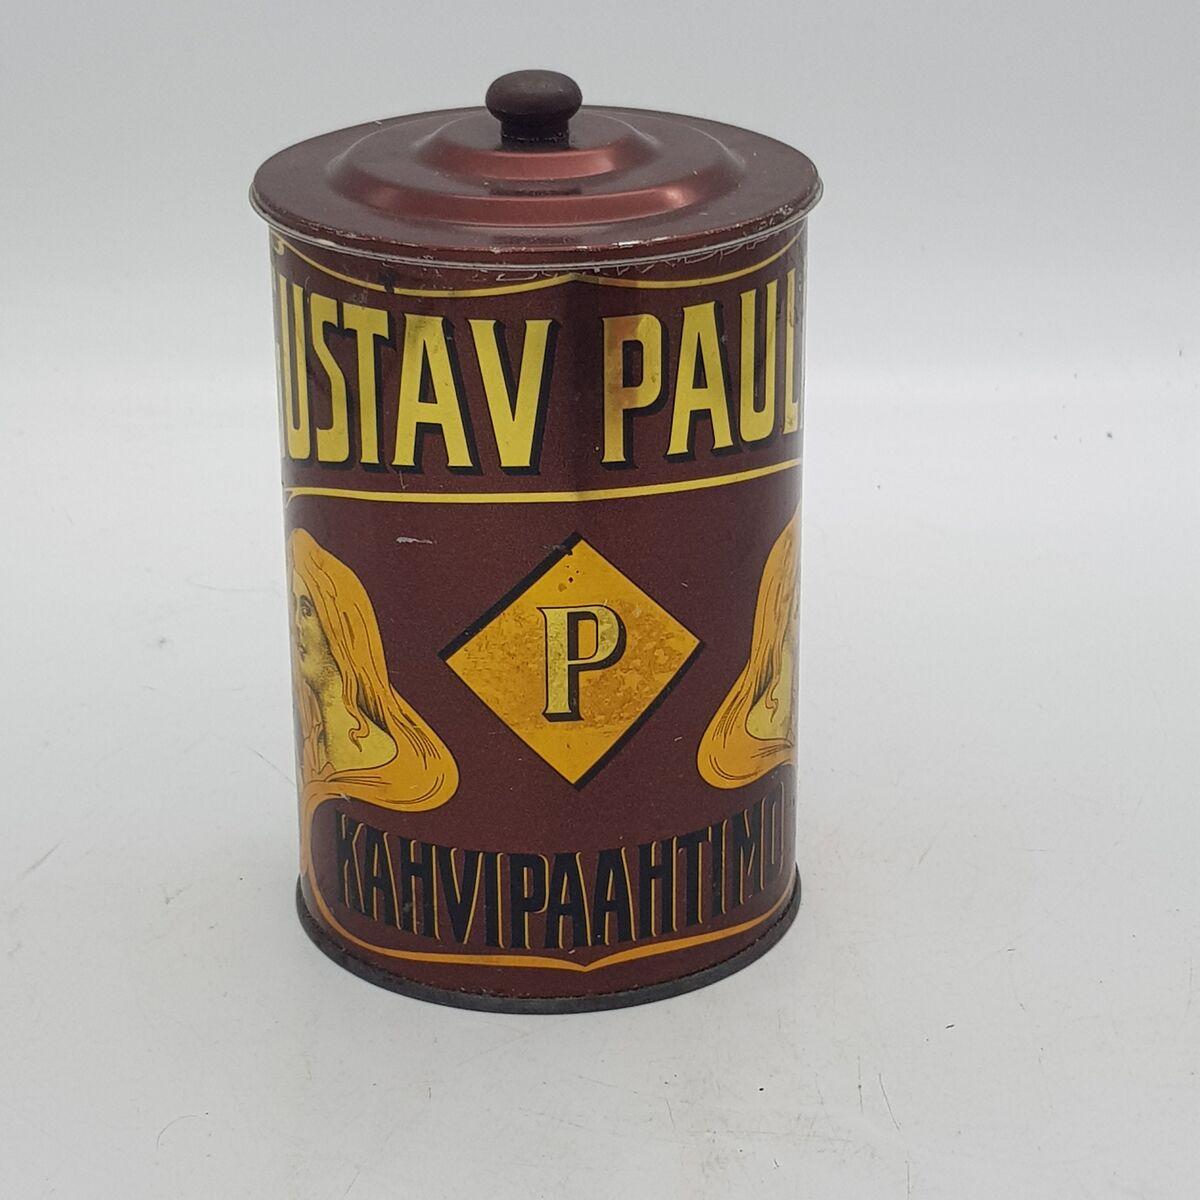 Gustav Paulig